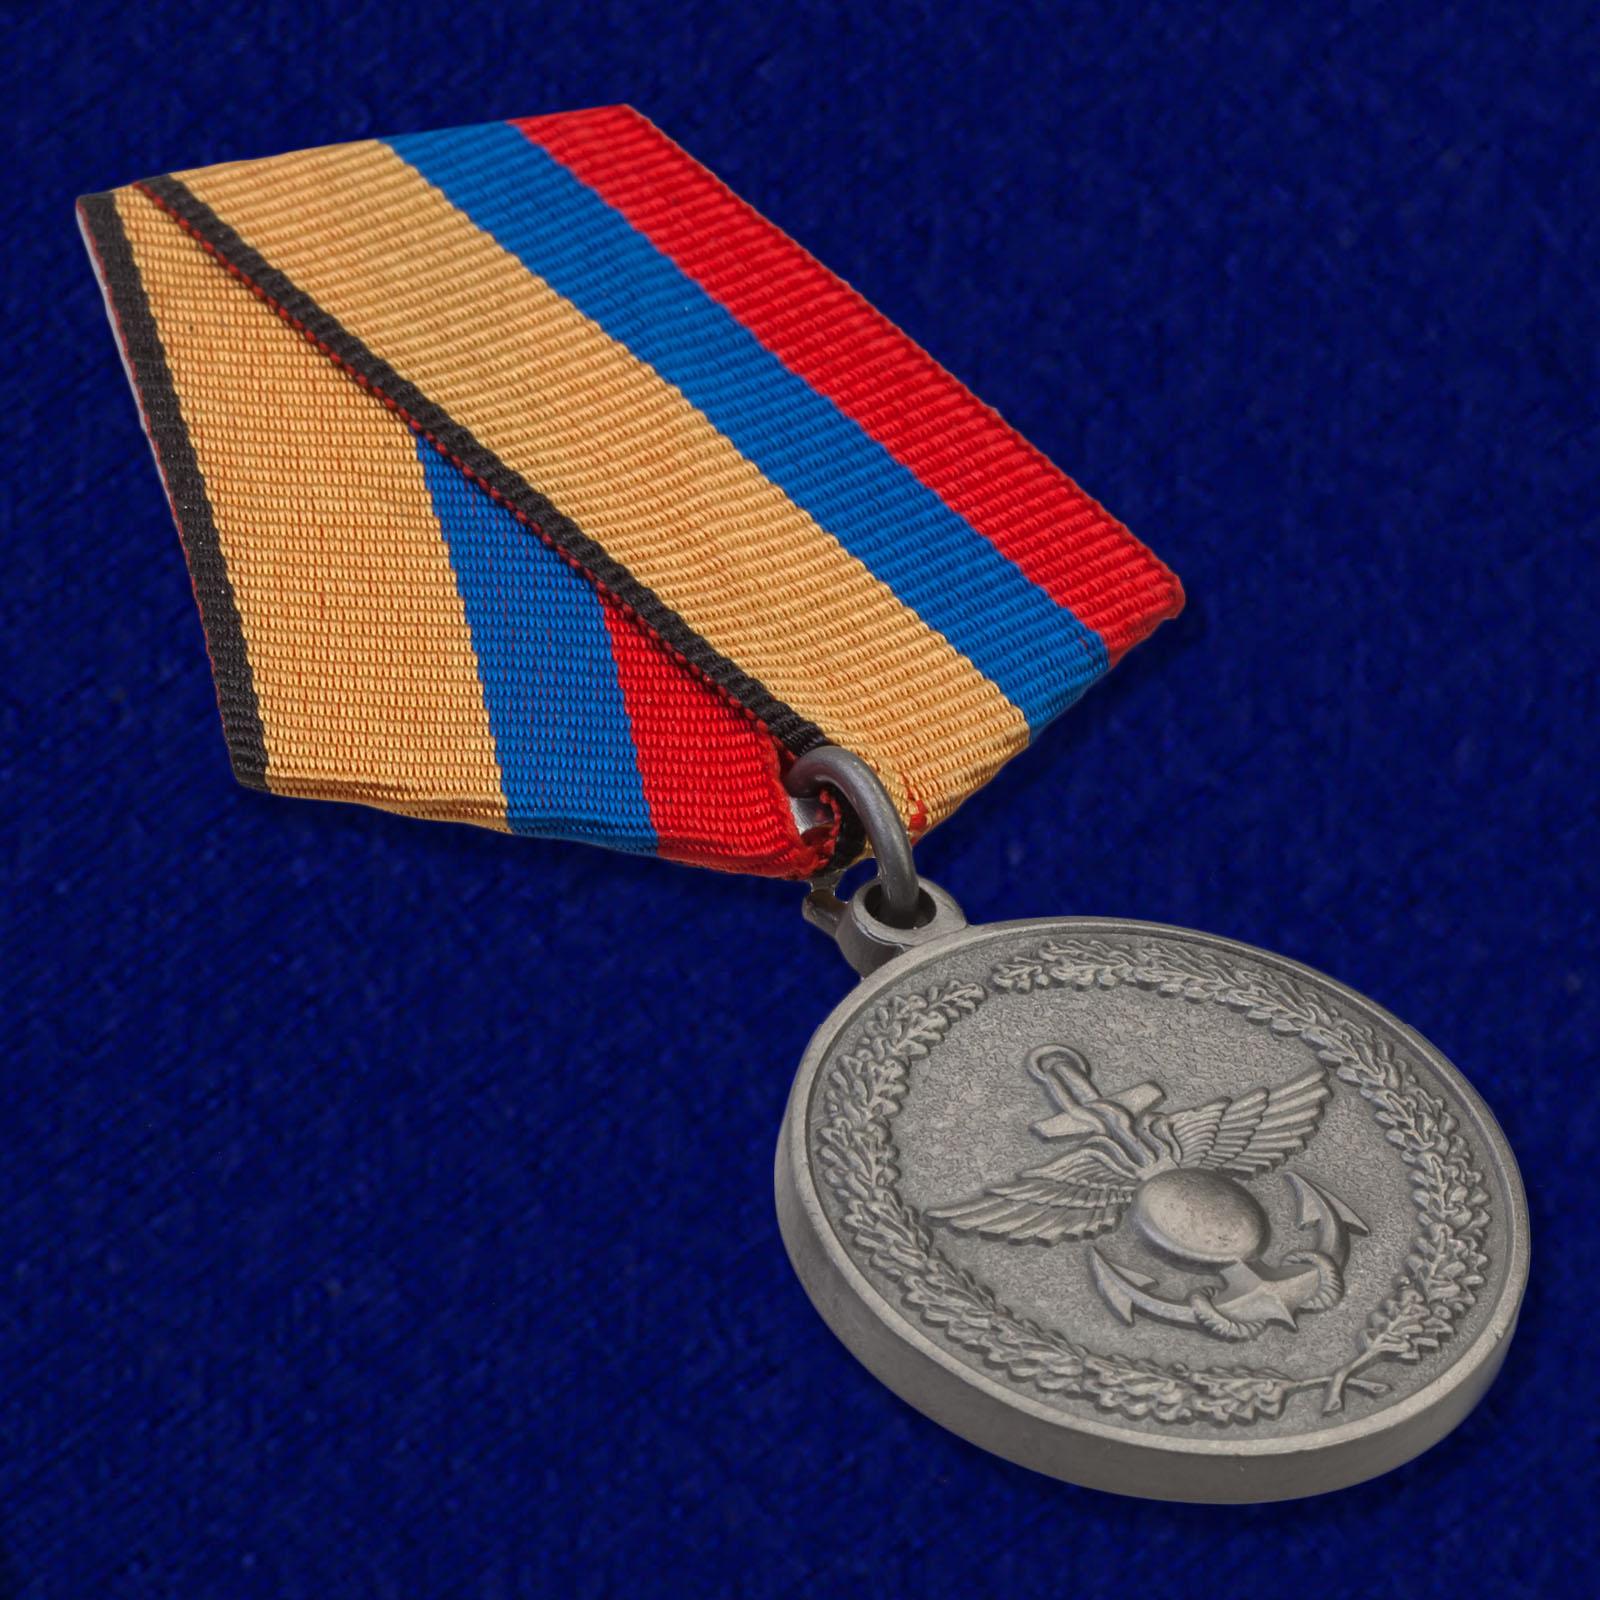 Медаль Минобороны РФ За отличие в учениях - общий вид